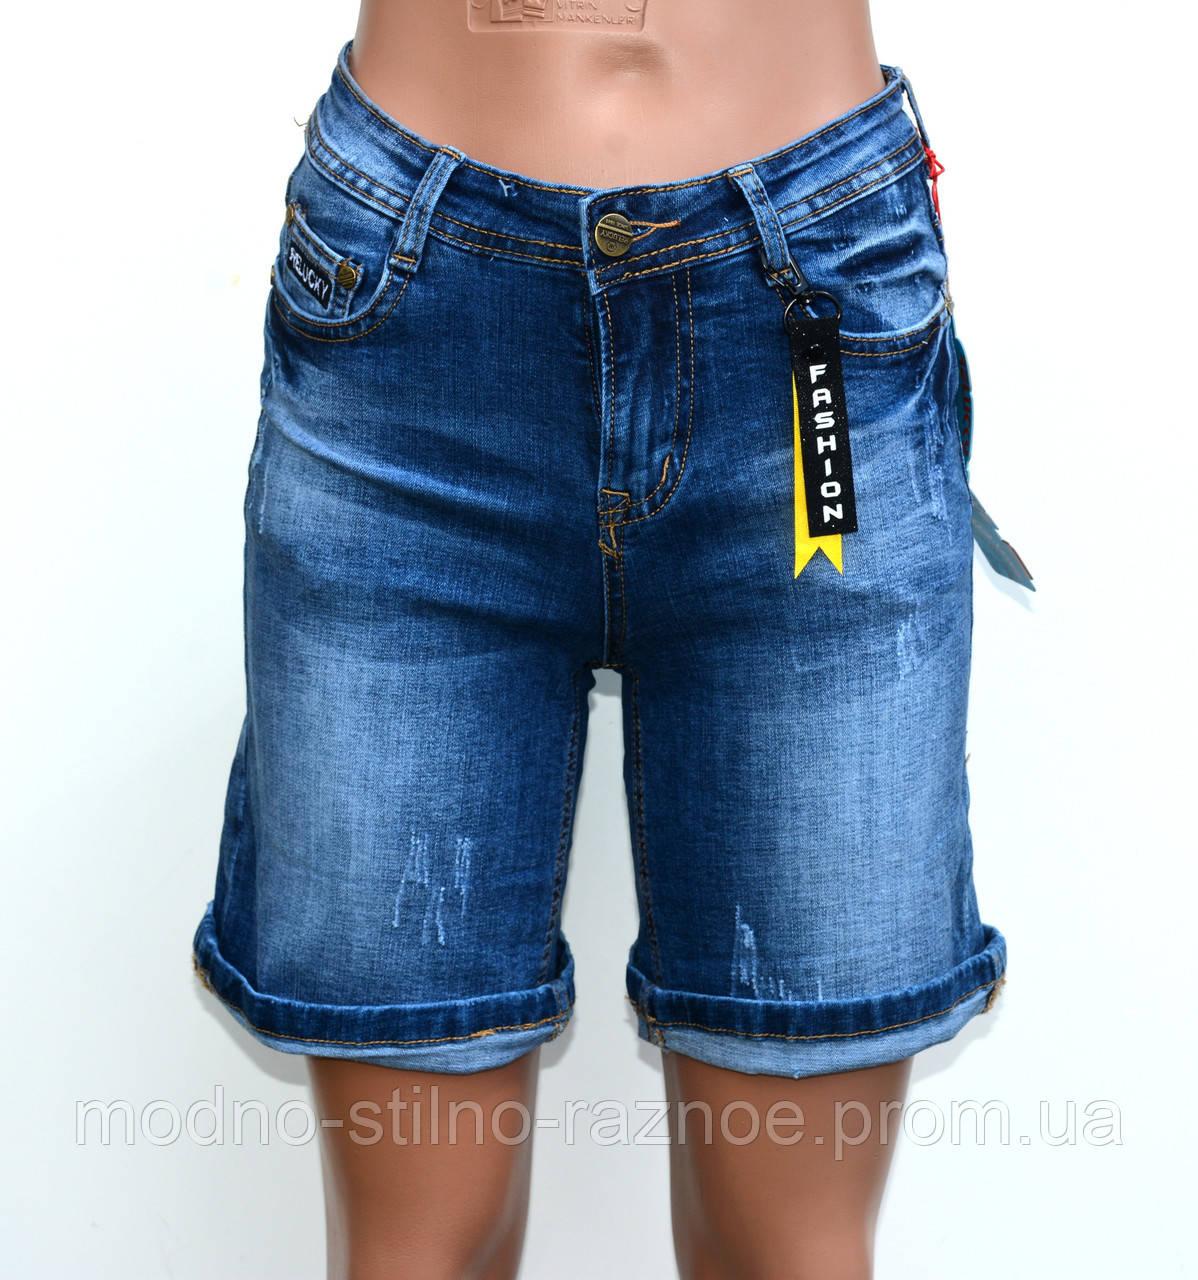 4c31be7750c2 Джинсовые шорты бриджи на девочку : продажа, цена в Мелитополе. брюки и  джинсы для ...